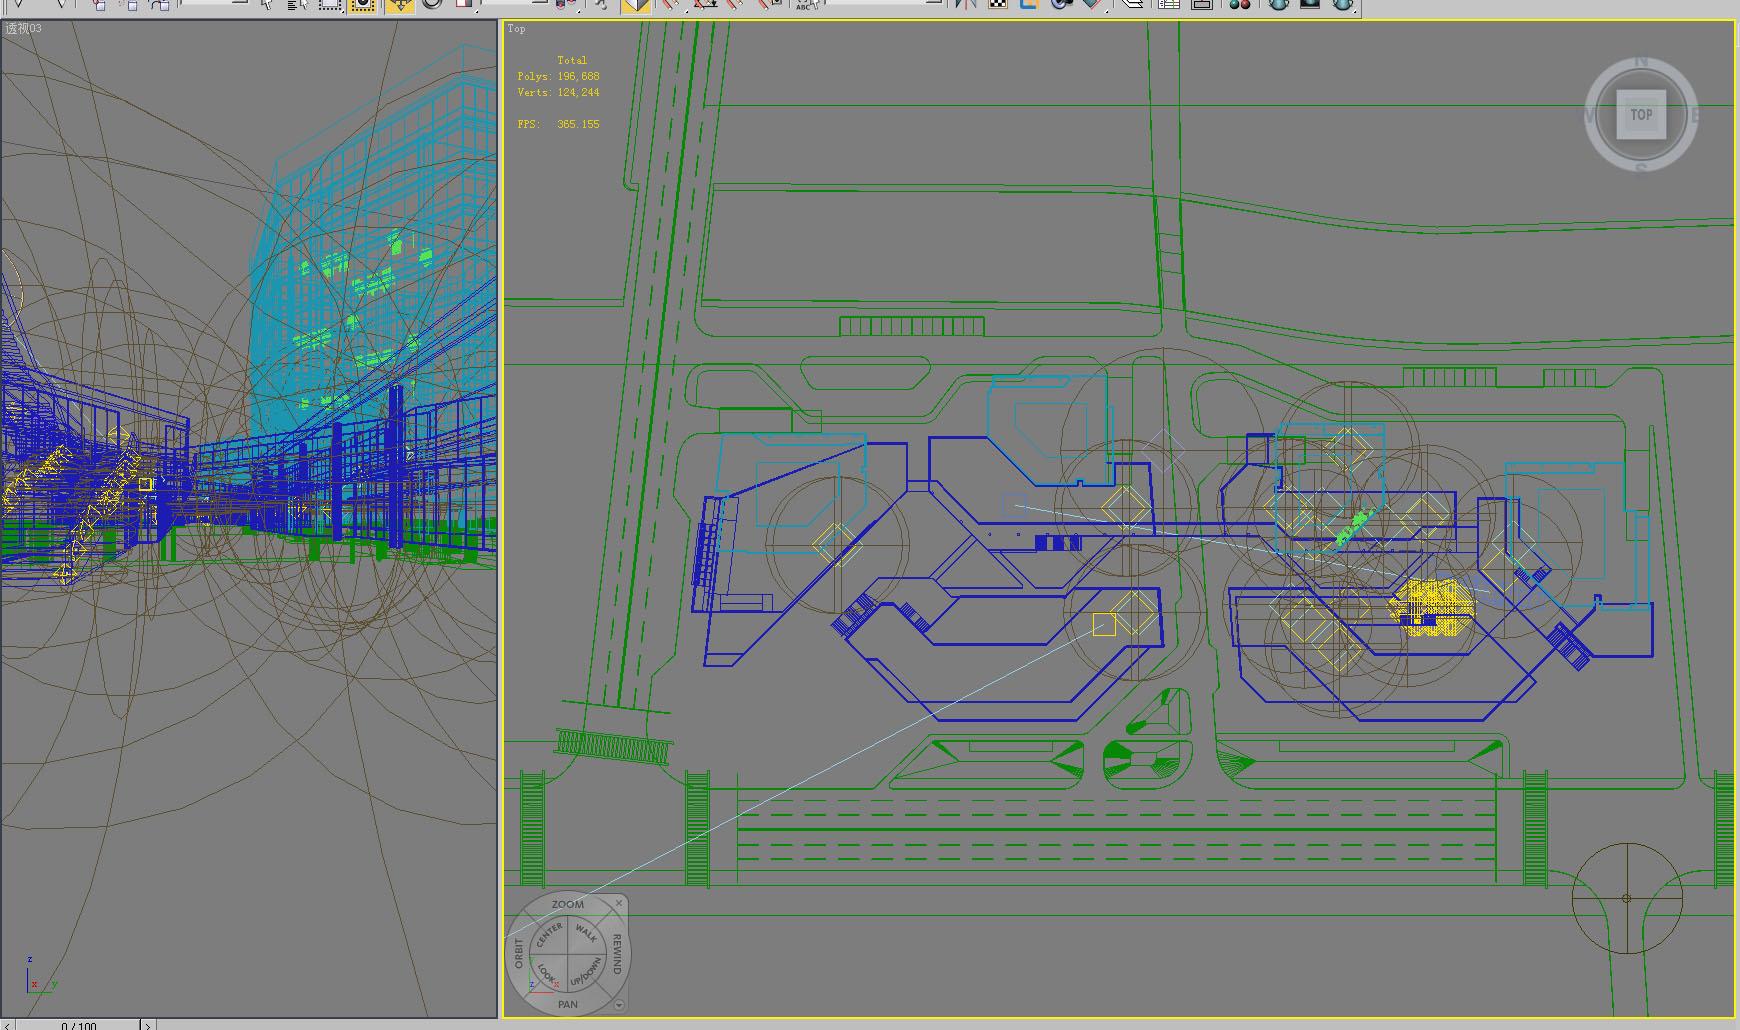 building 795 3d model max psd 126092